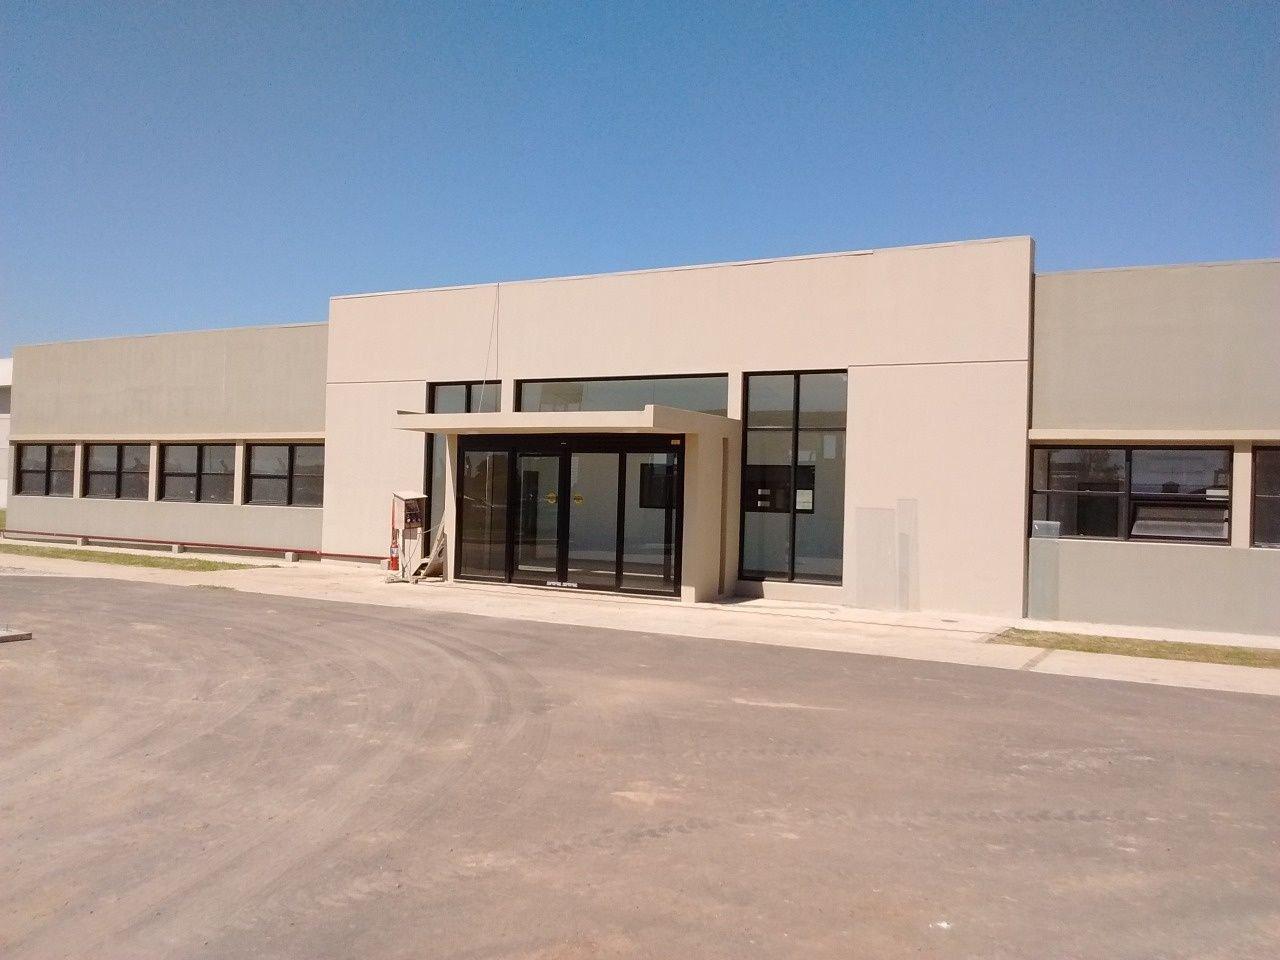 Así es por dentro la nueva cárcel para 600 chicos de 18 a 21 años que se inauguró en Campana